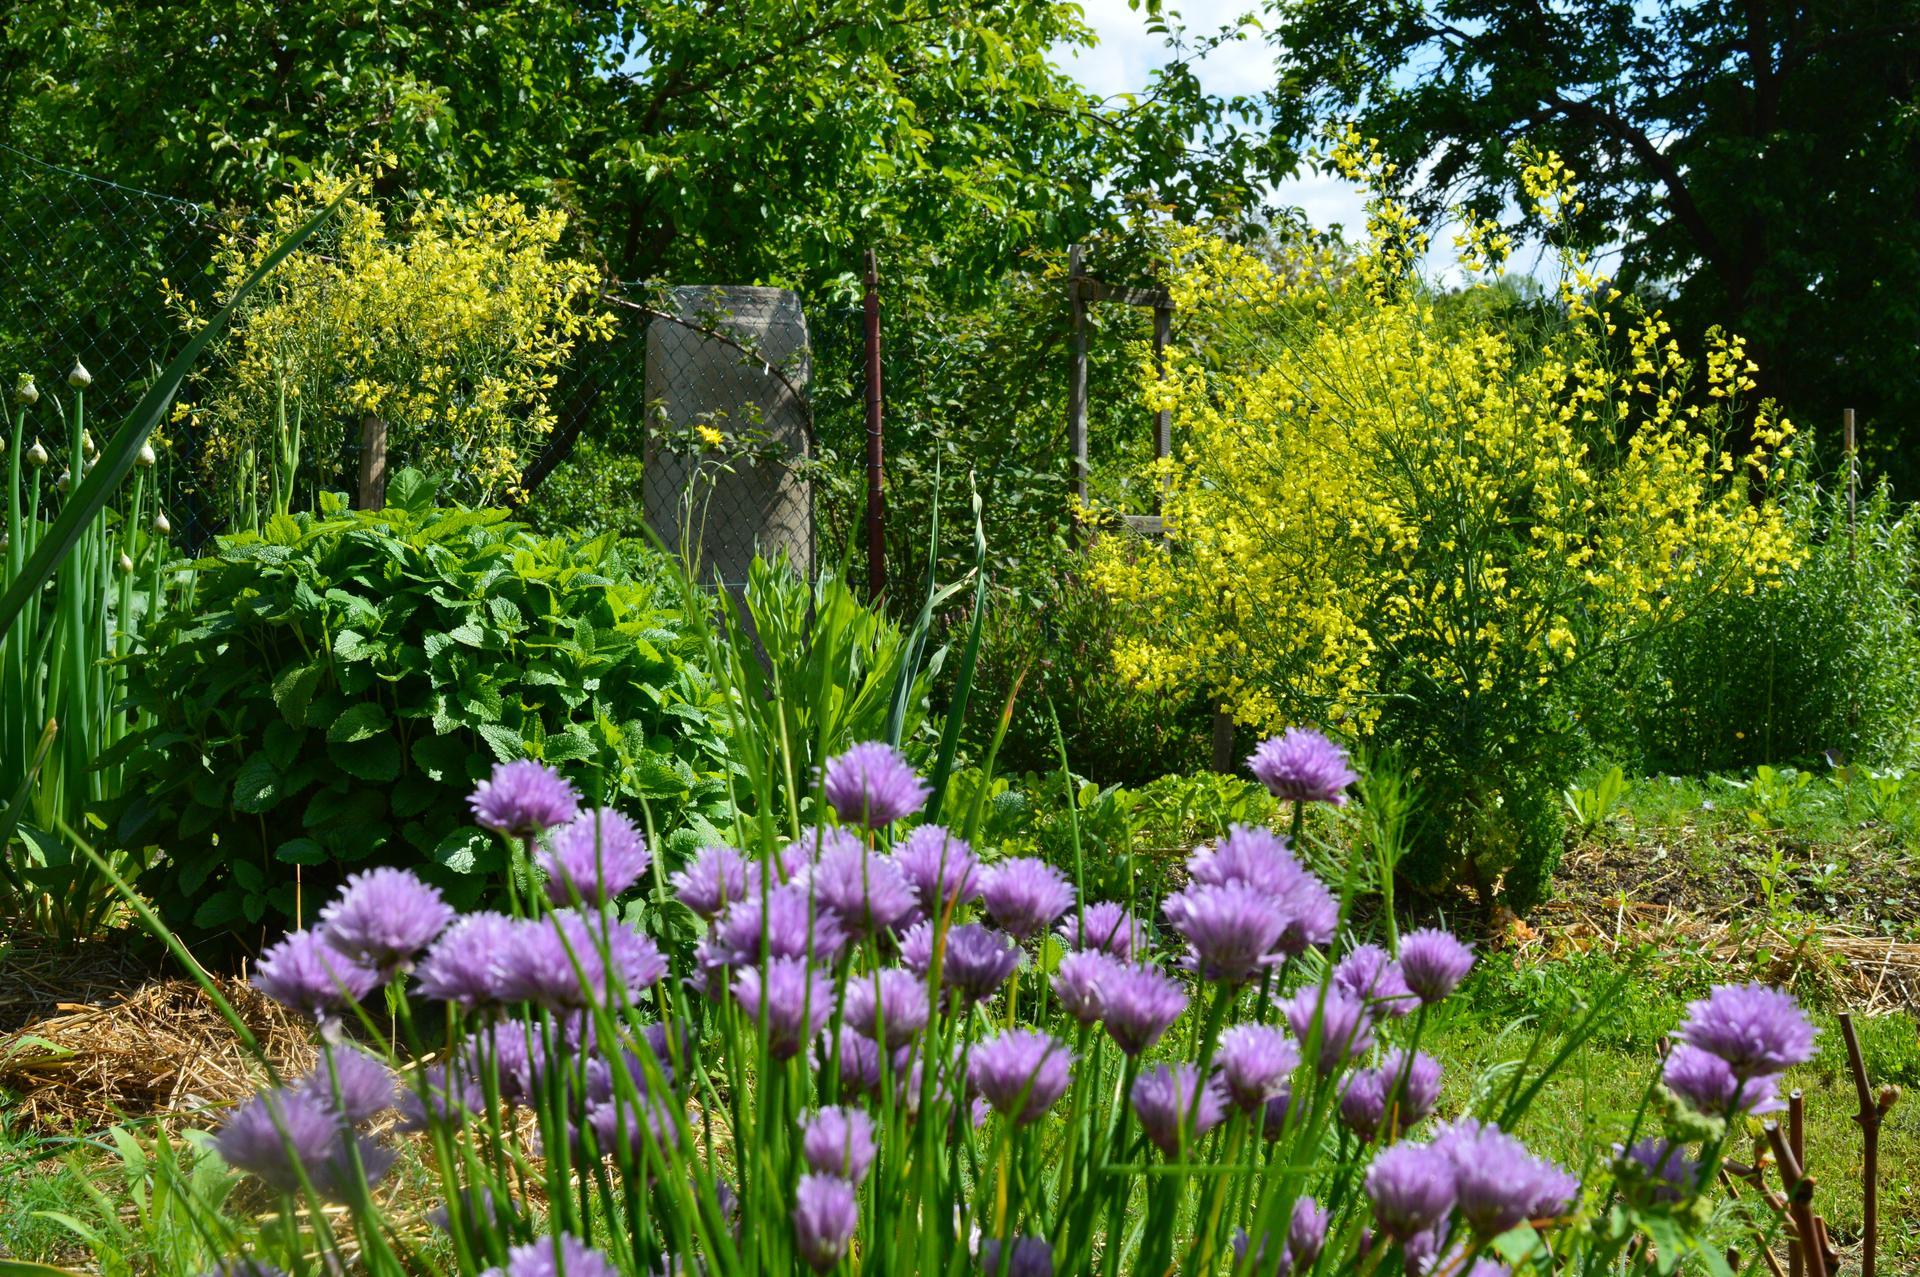 Naša prírodná perma záhradka v roku 2020 - začiatkom júna už začína záhrada bujnieť